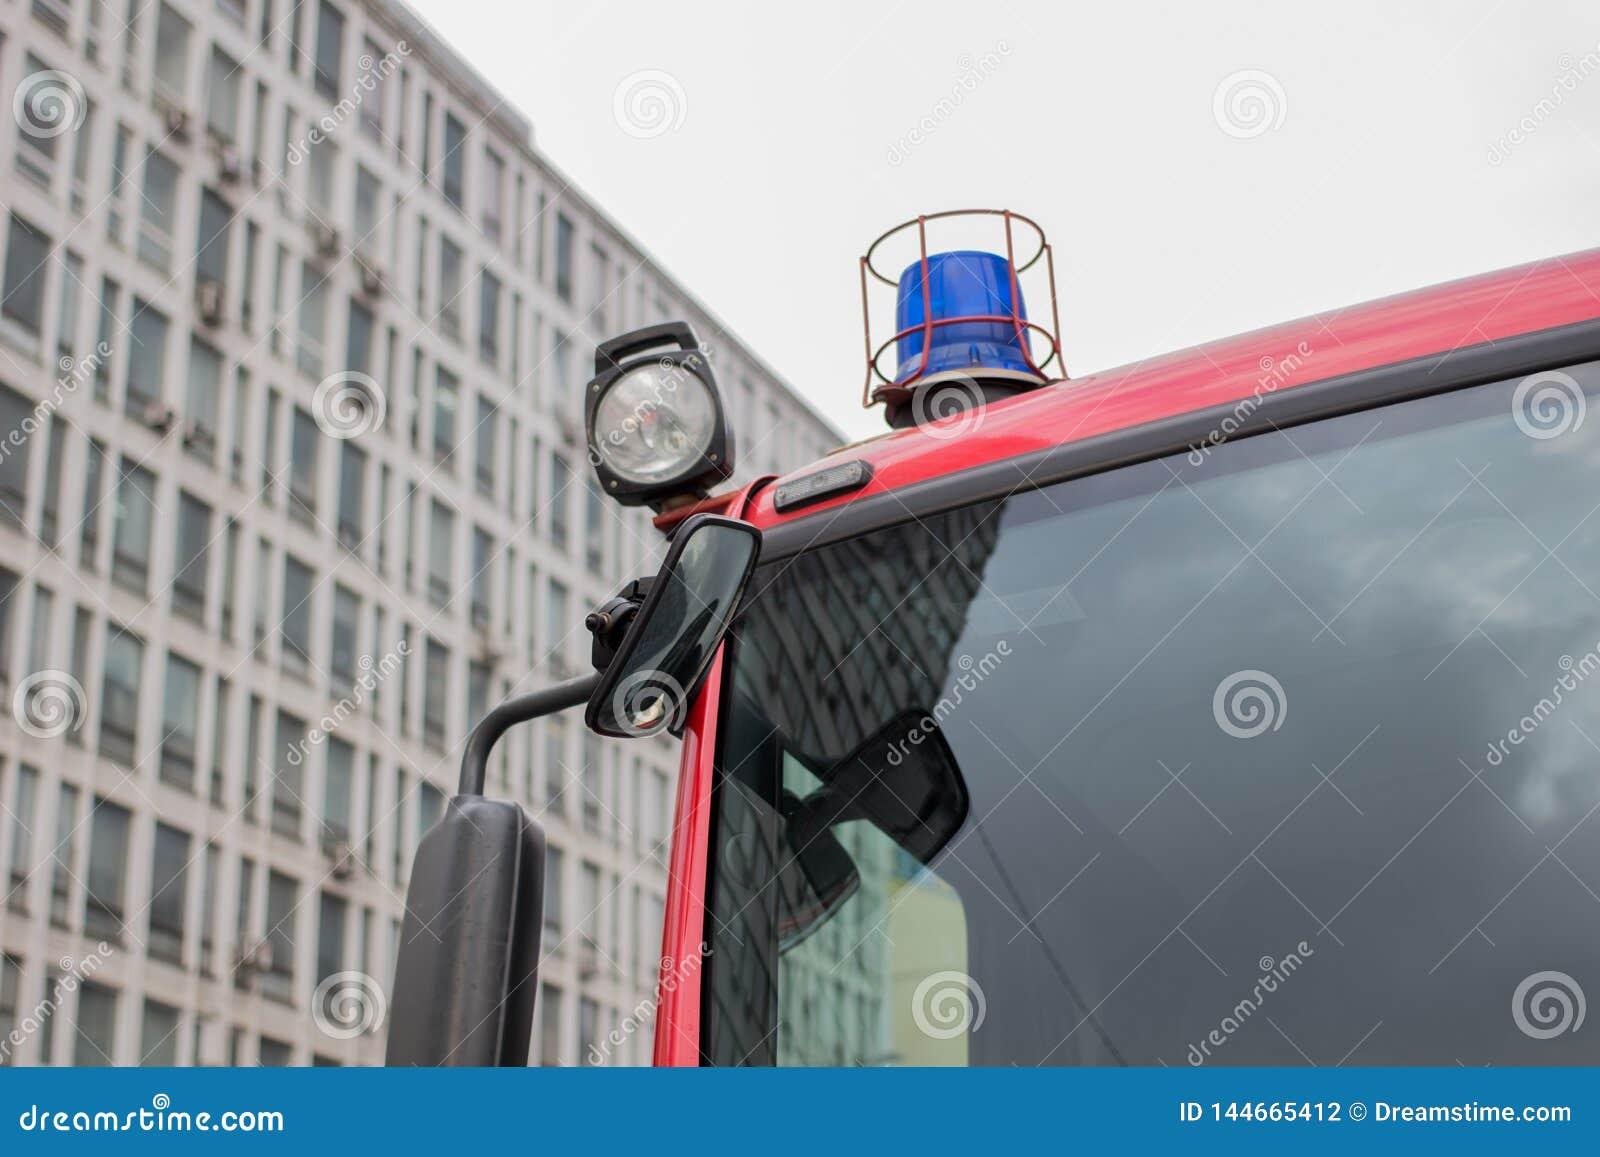 Imagem do close-up de luzes e de sirenes azuis em um carro de bombeiros